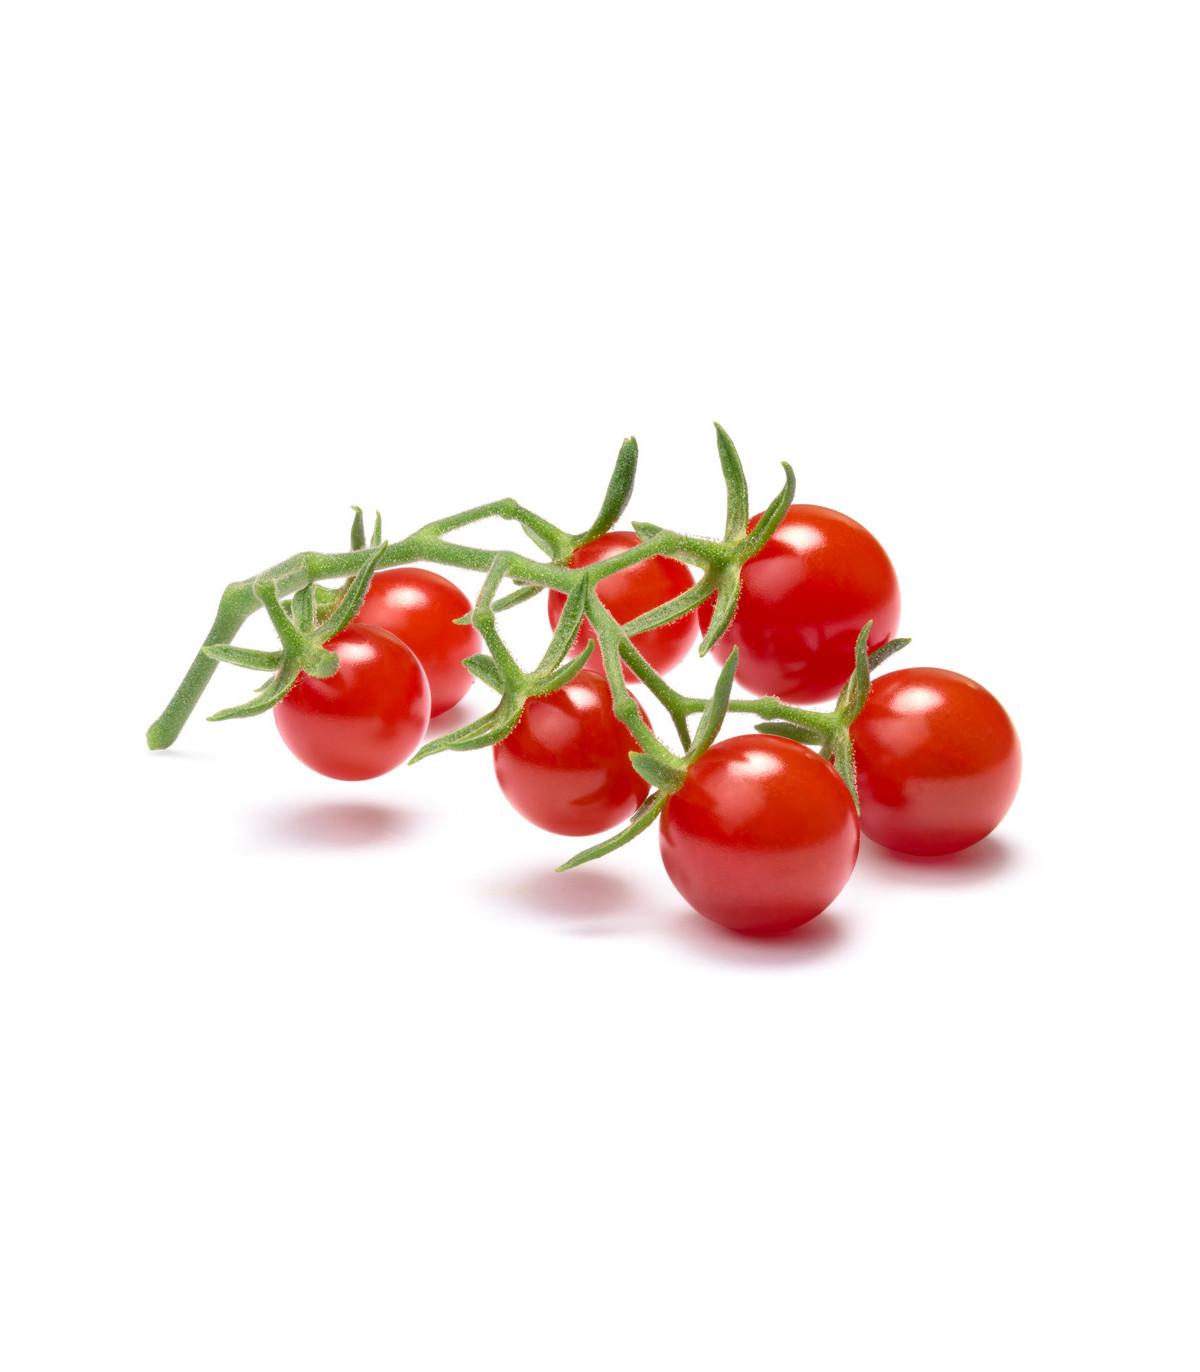 Divoká rajčátka - Solnum pimpinellifolium - prodej semen divokých rajčat - 6 ks